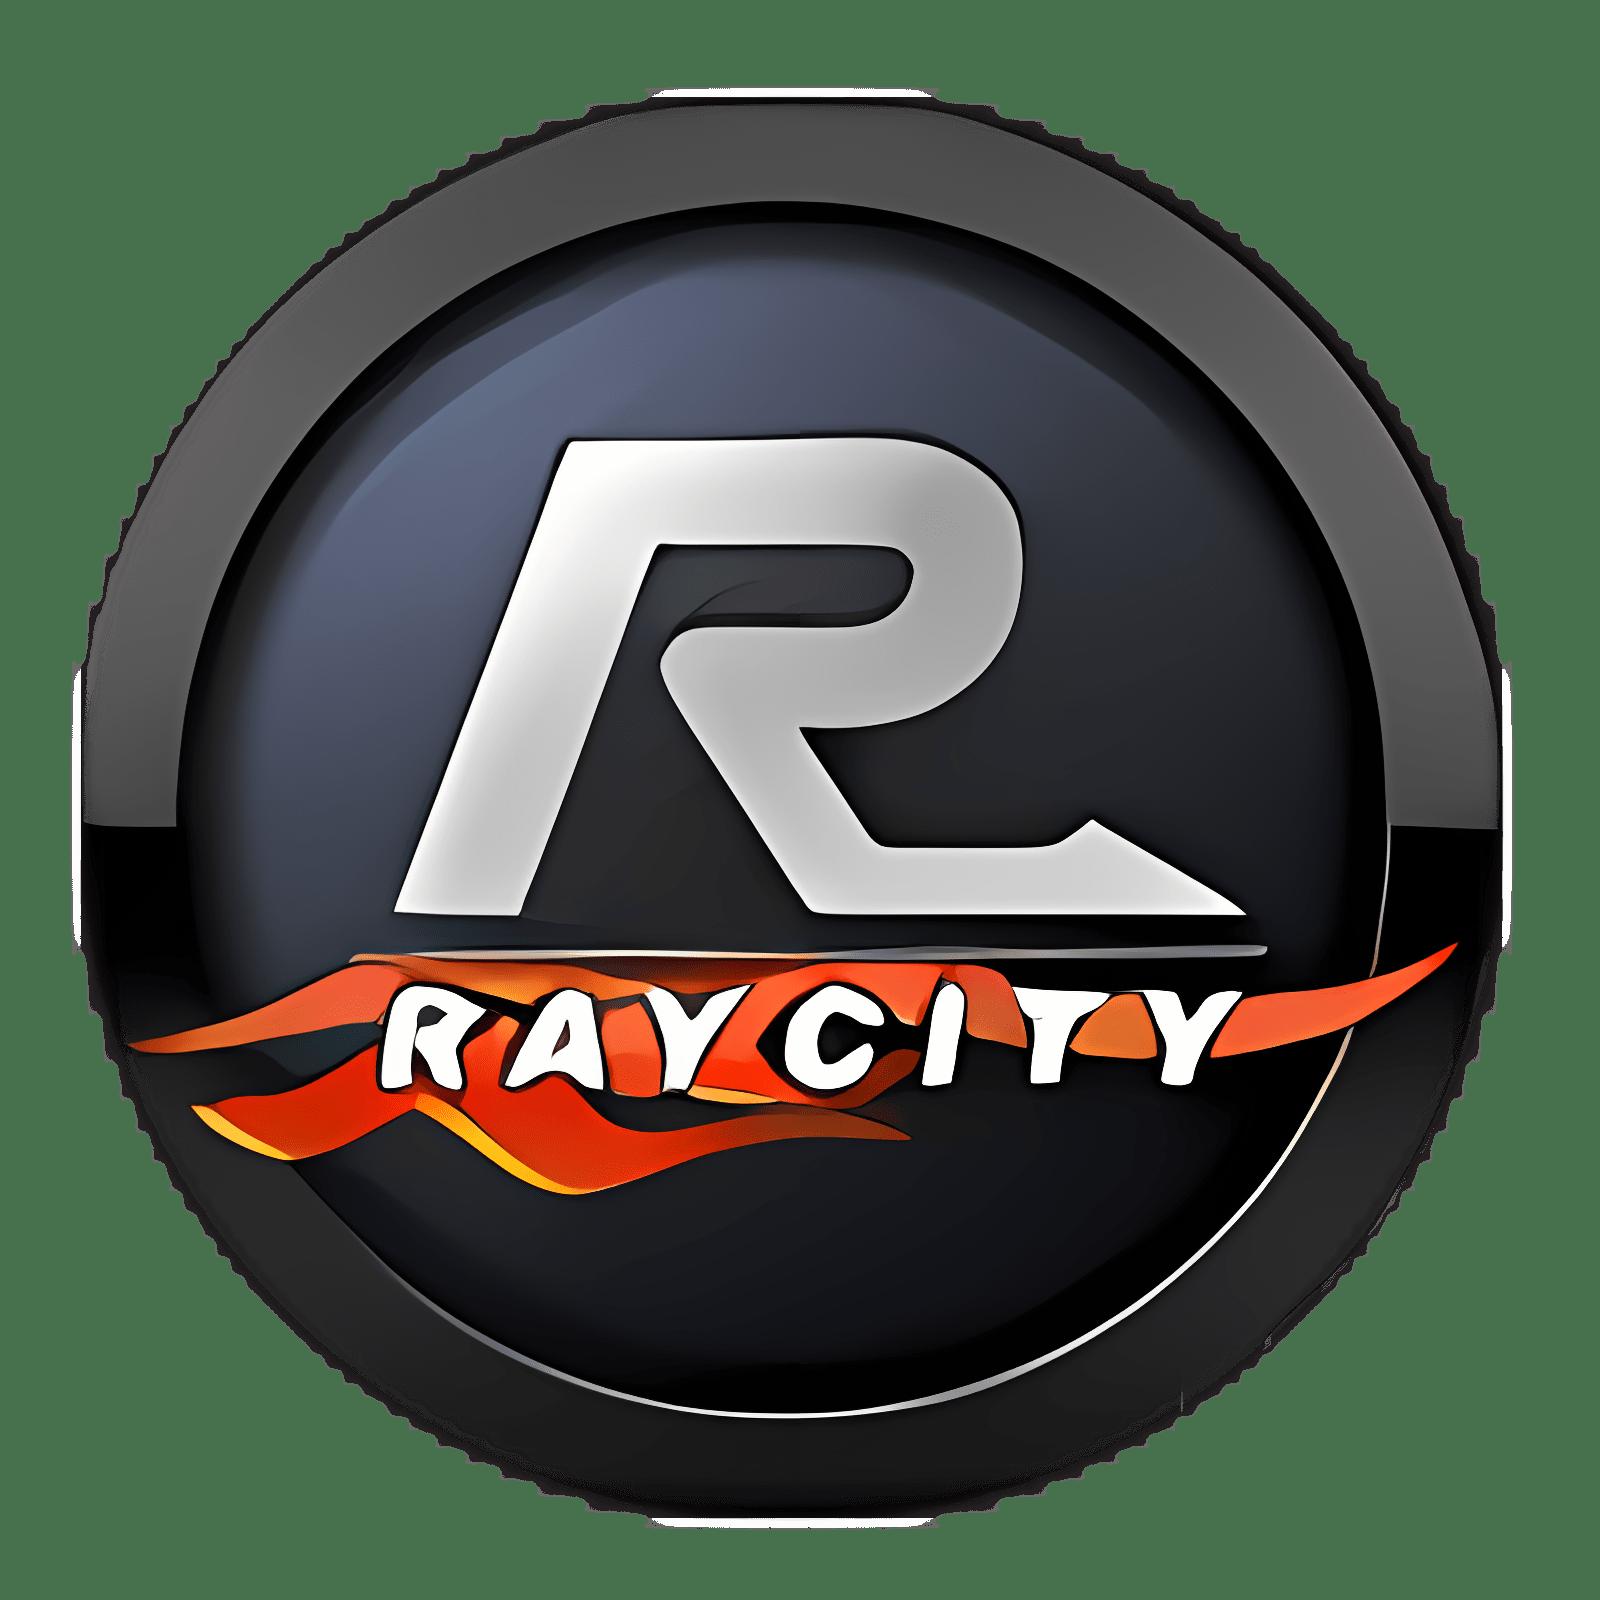 Ray City